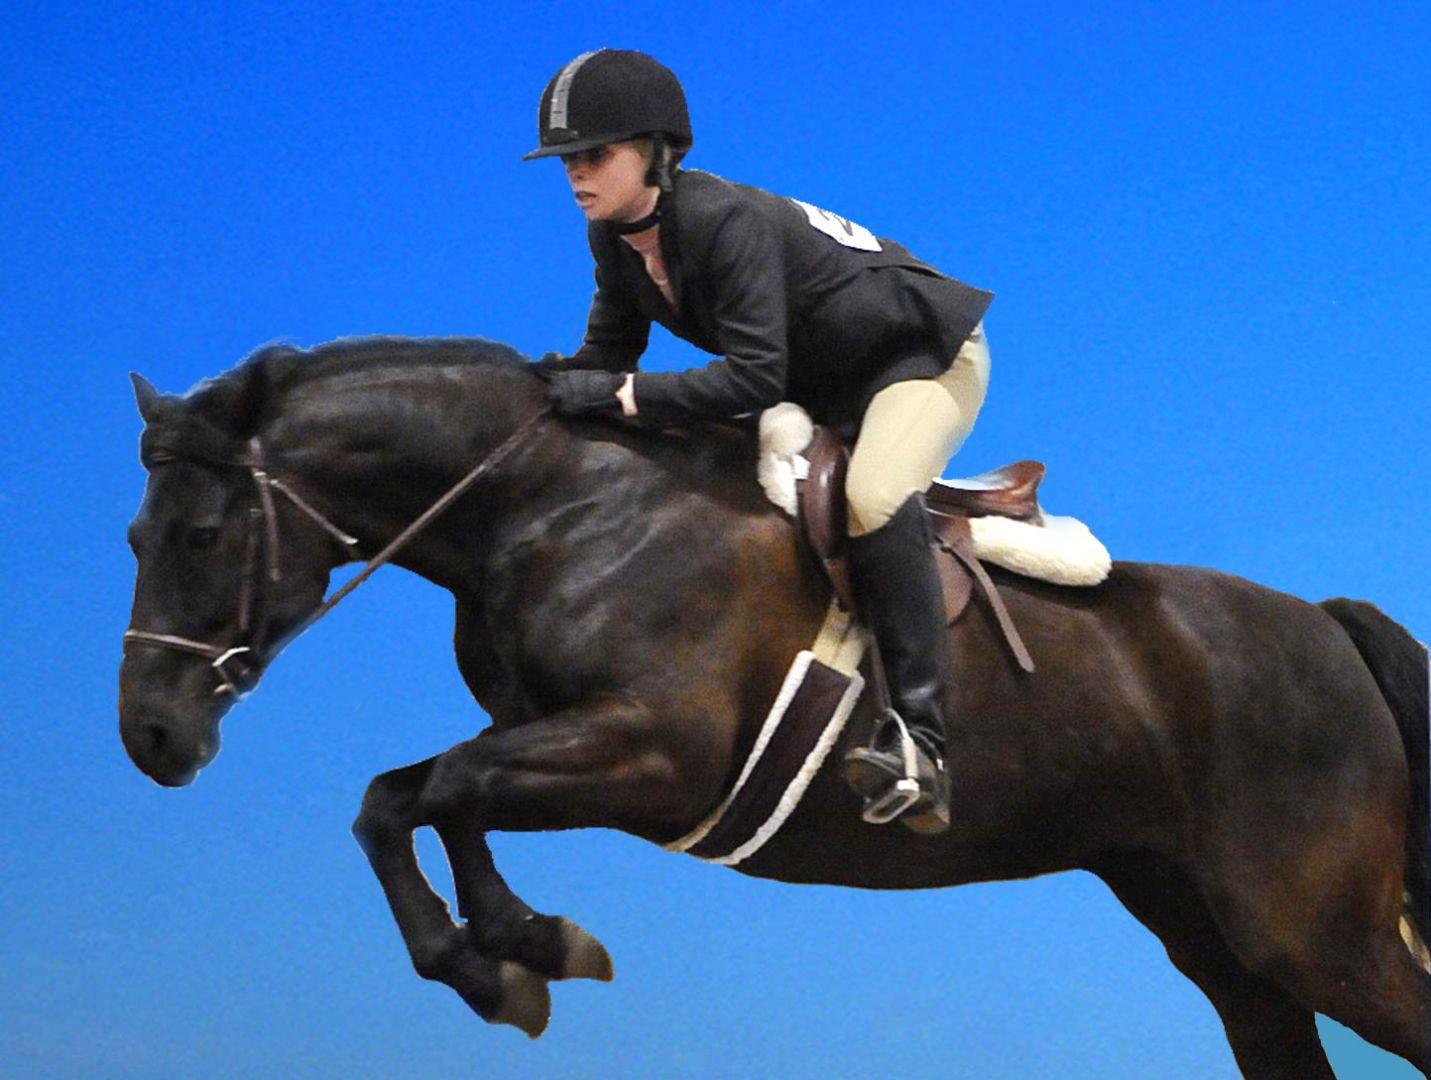 Конно-спортивные соревнования на кубок губернатора пройдут на Ставрополье